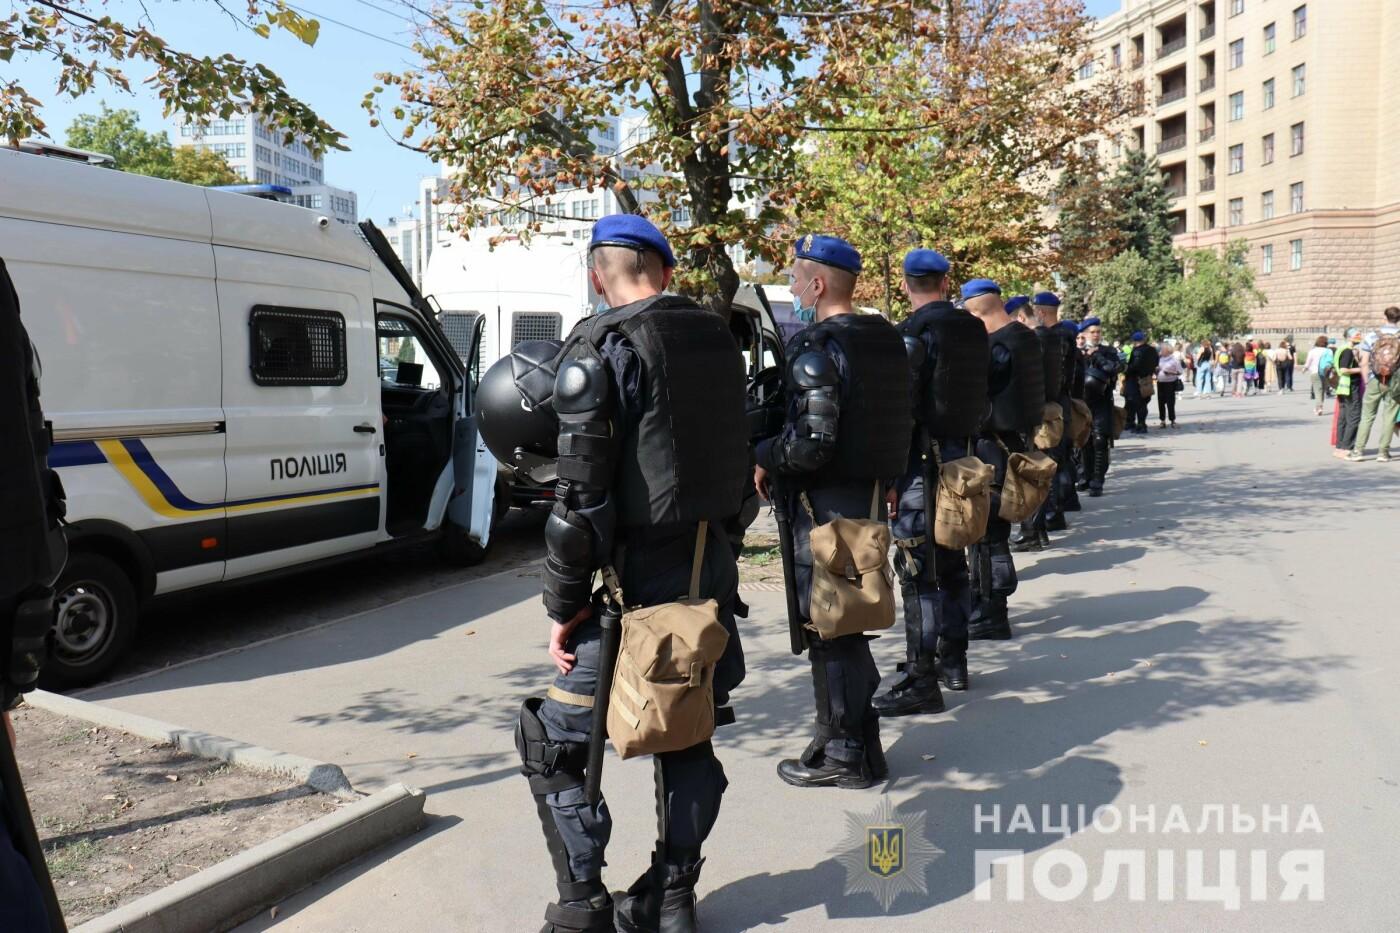 ЛГБТ-марш в центре Харькова: участников события охраняли более 1,2 тысячи силовиков с 40 единицами спецтехники, - ФОТО, фото-6